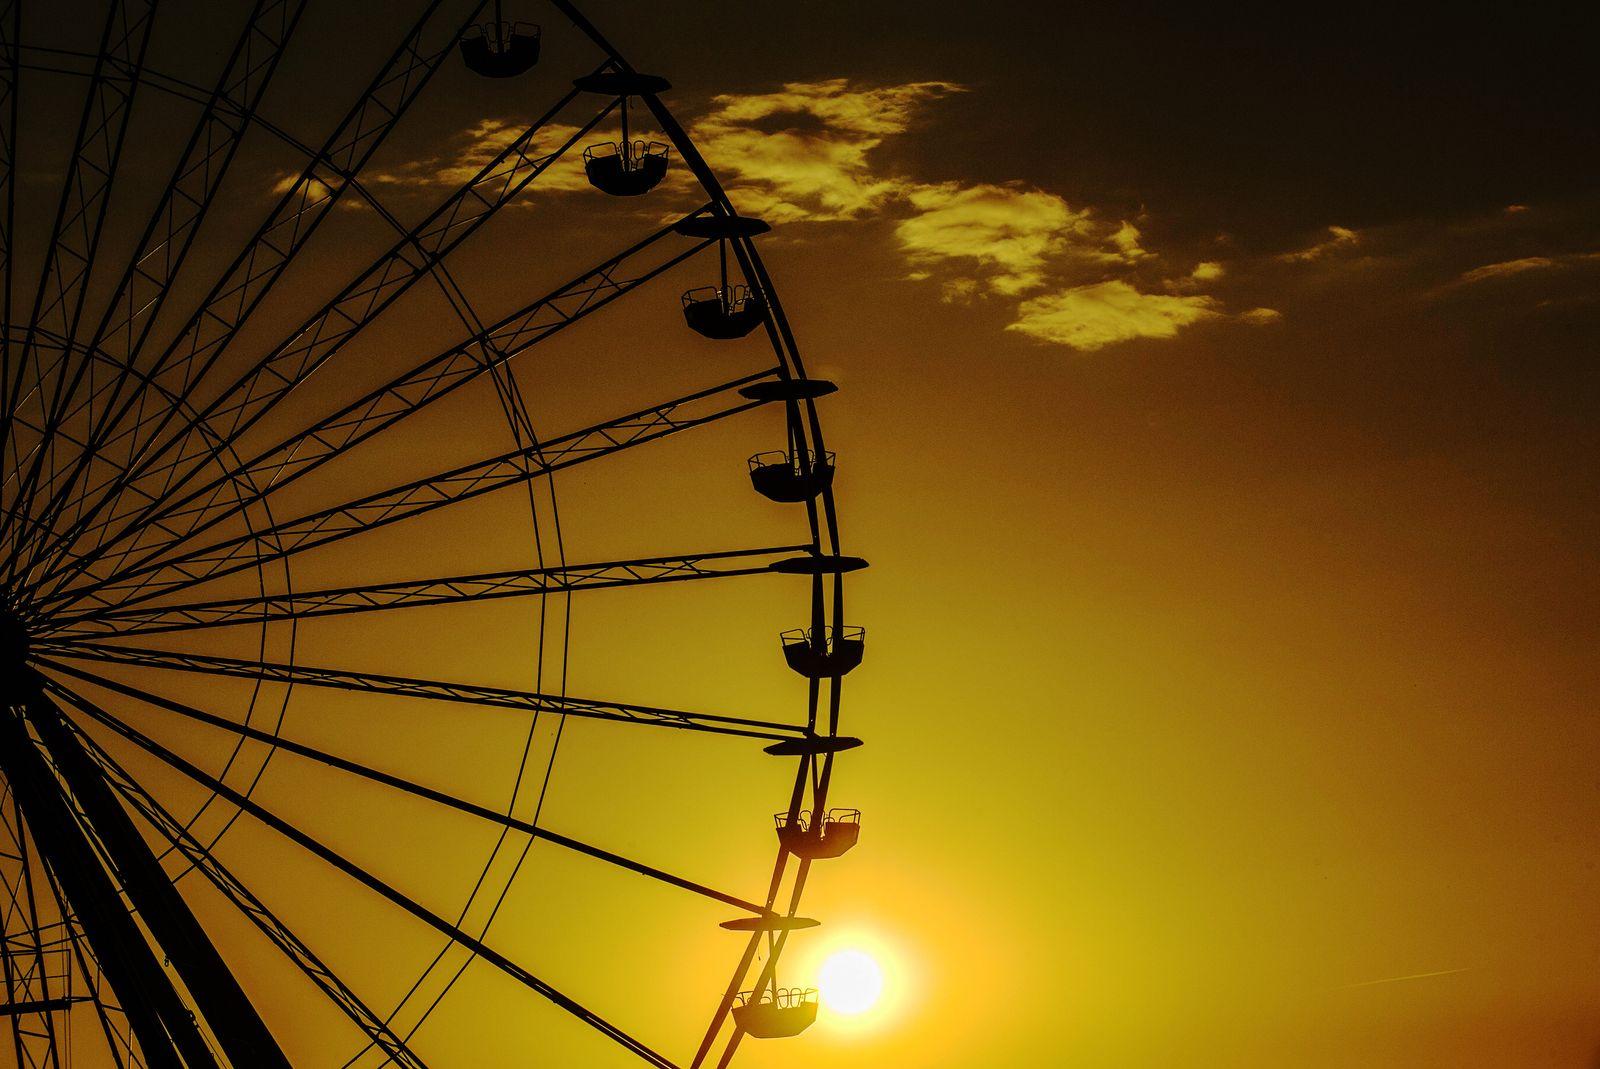 Sonnenglanz am Riesenrad